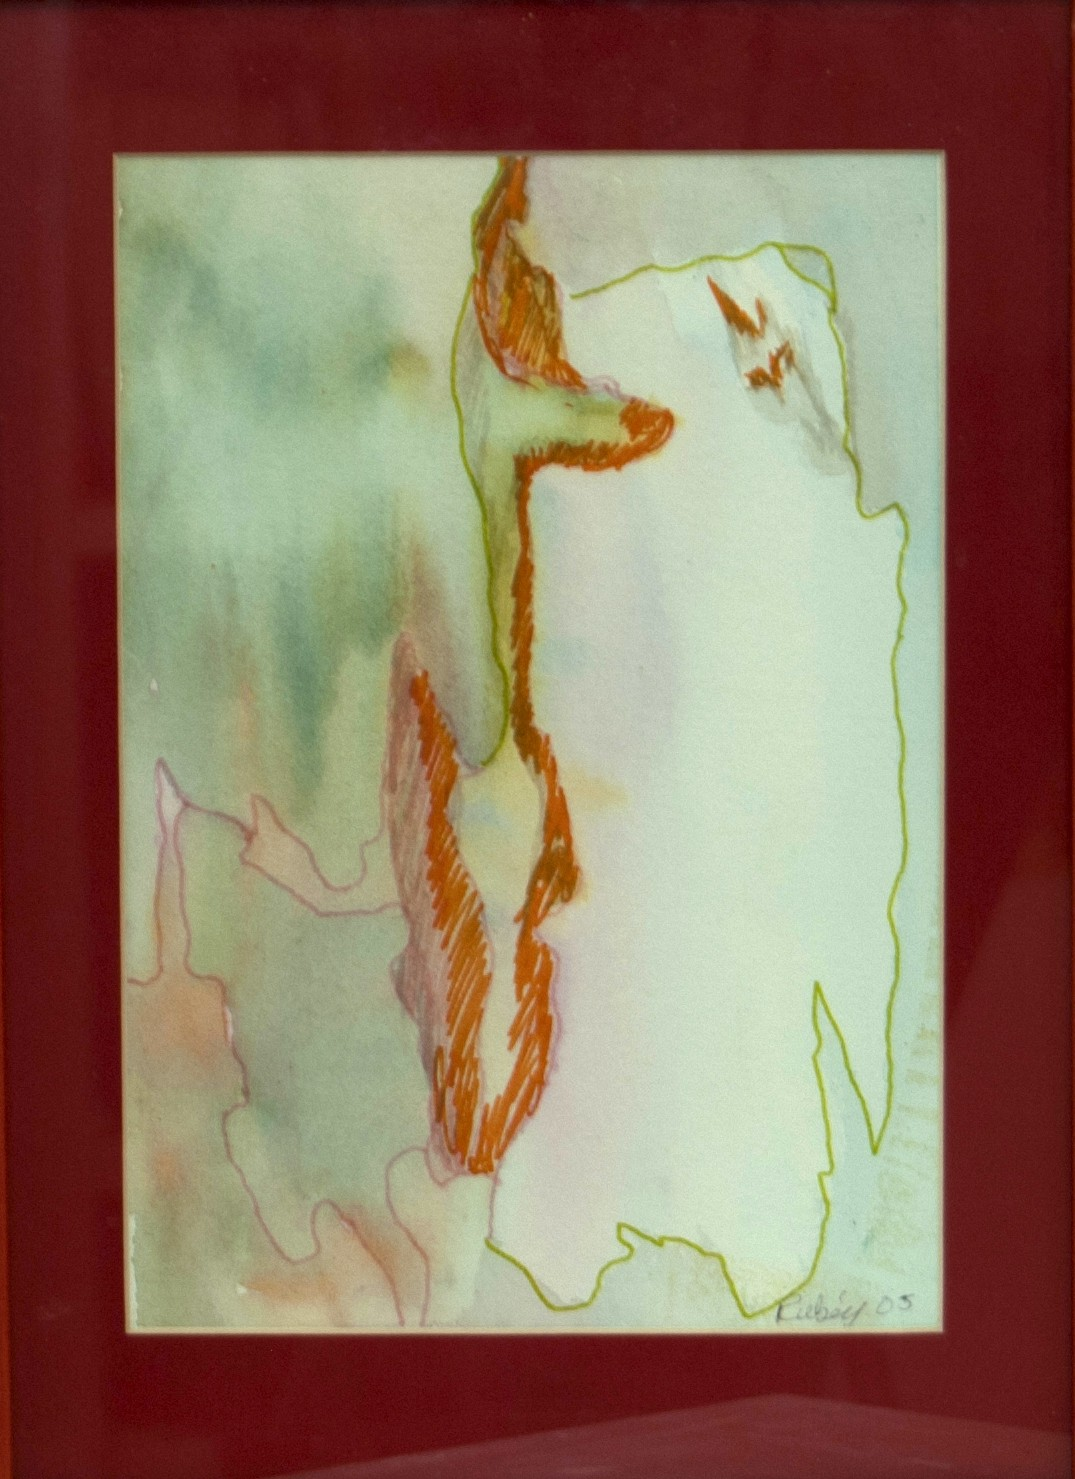 Pintura-Sugerenci-1-RD.Escultor